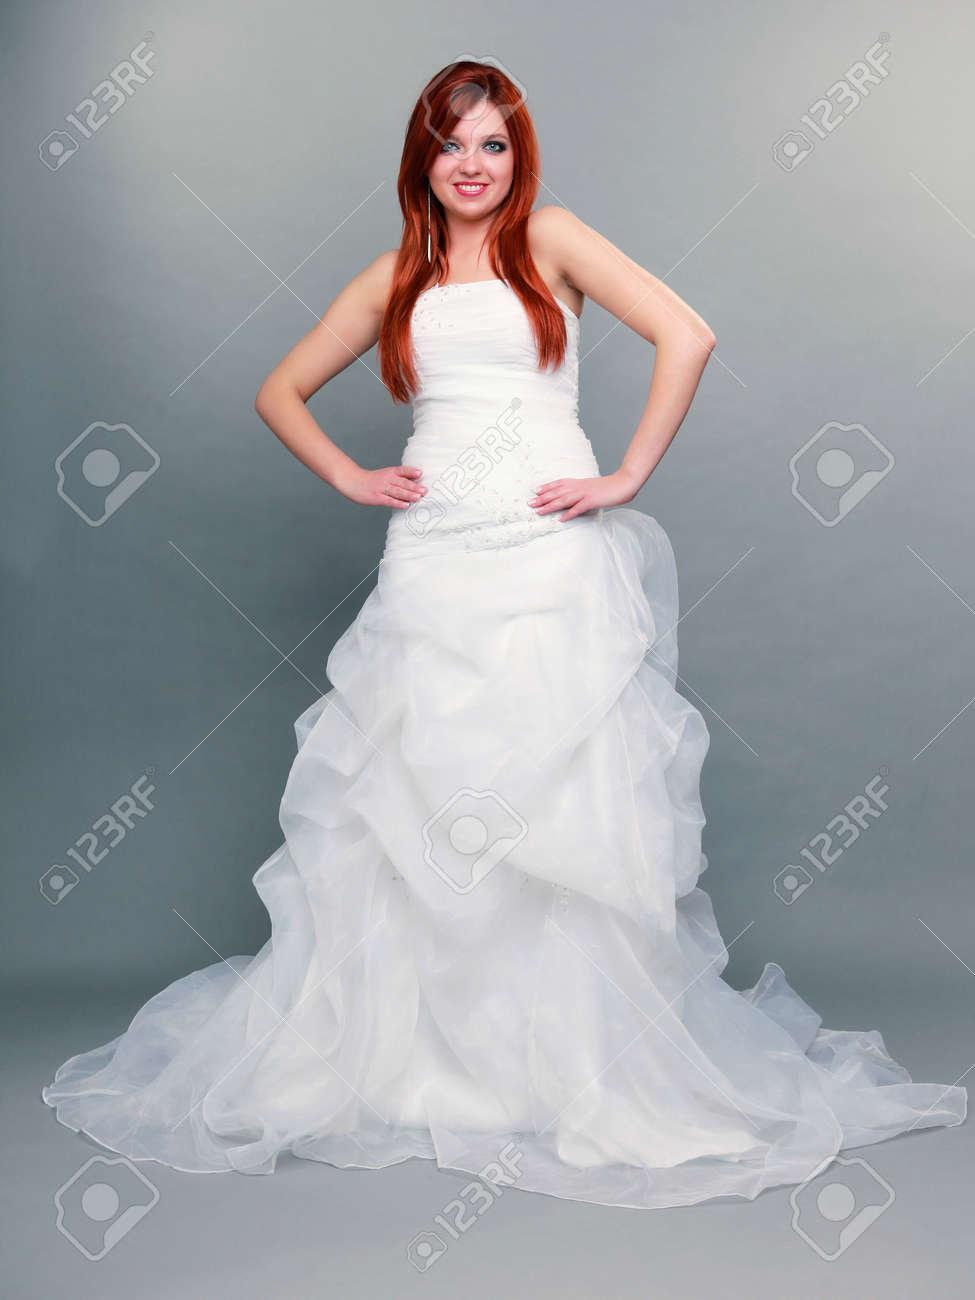 Jour Mariée Tourné Longue De Pleine Portrait Robe Sur Aux Bleus Longueur Rouge Blanche Studio Mariage Belle Cheveux Heureux En Yeux PZuOkXiT